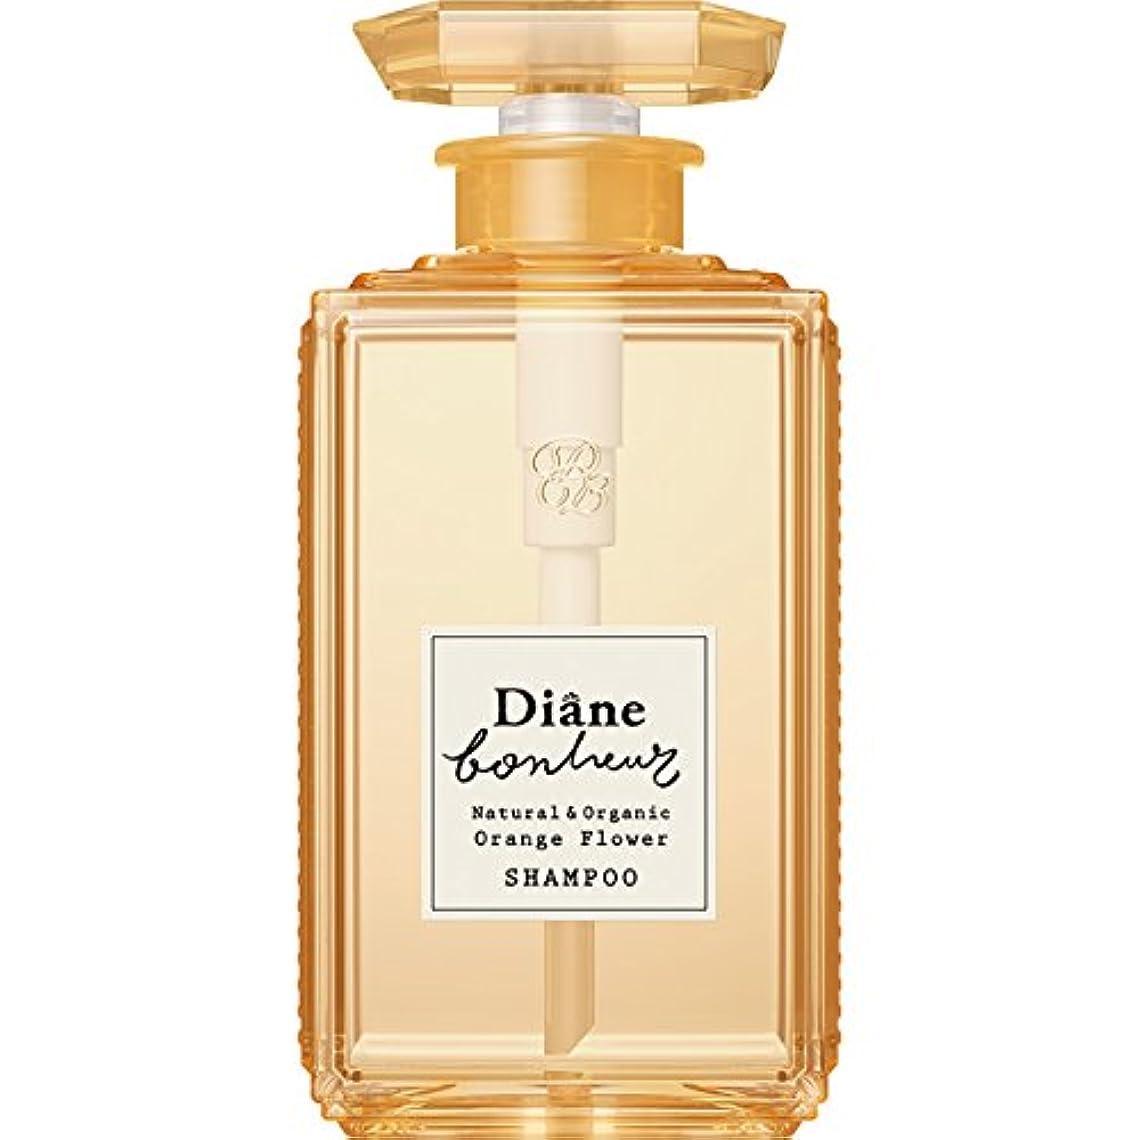 落ち着く実業家与えるダイアン ボヌール オレンジフラワーの香り モイストリラックス シャンプー 500ml